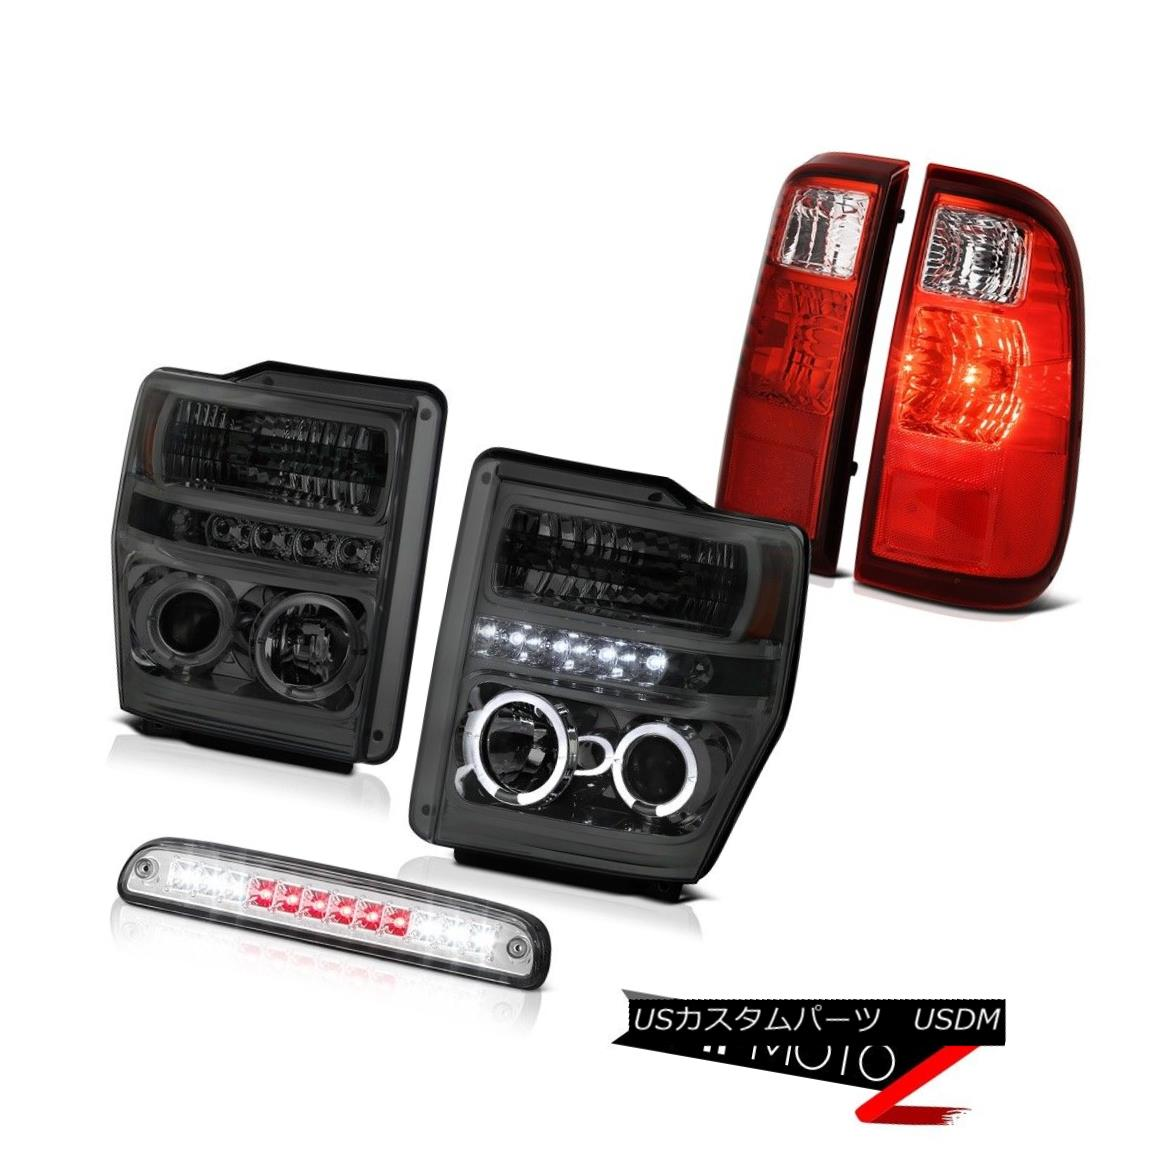 ヘッドライト Projector Headlights Brake Cargo LED Red Signal Tail Lights 2008-2010 F250 F350 プロジェクターヘッドライトブレーキカーゴLEDレッド信号テールライト2008-2010 F250 F350